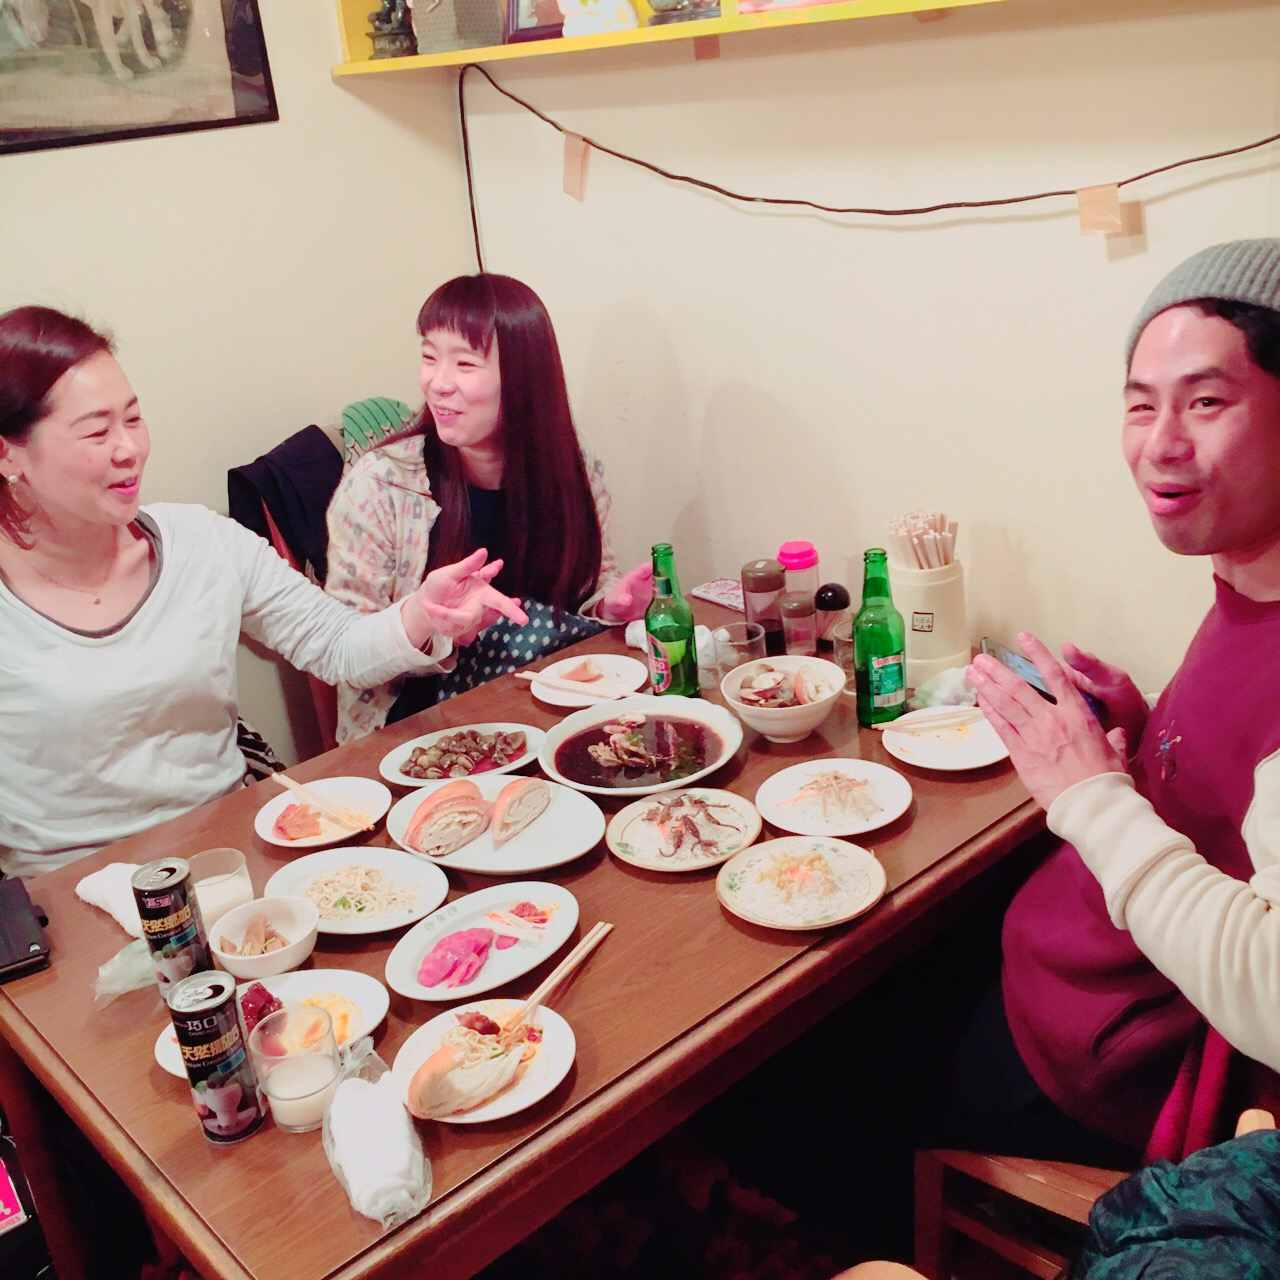 上海小吃でゲテものパーティな夜_e0230090_23172819.jpg